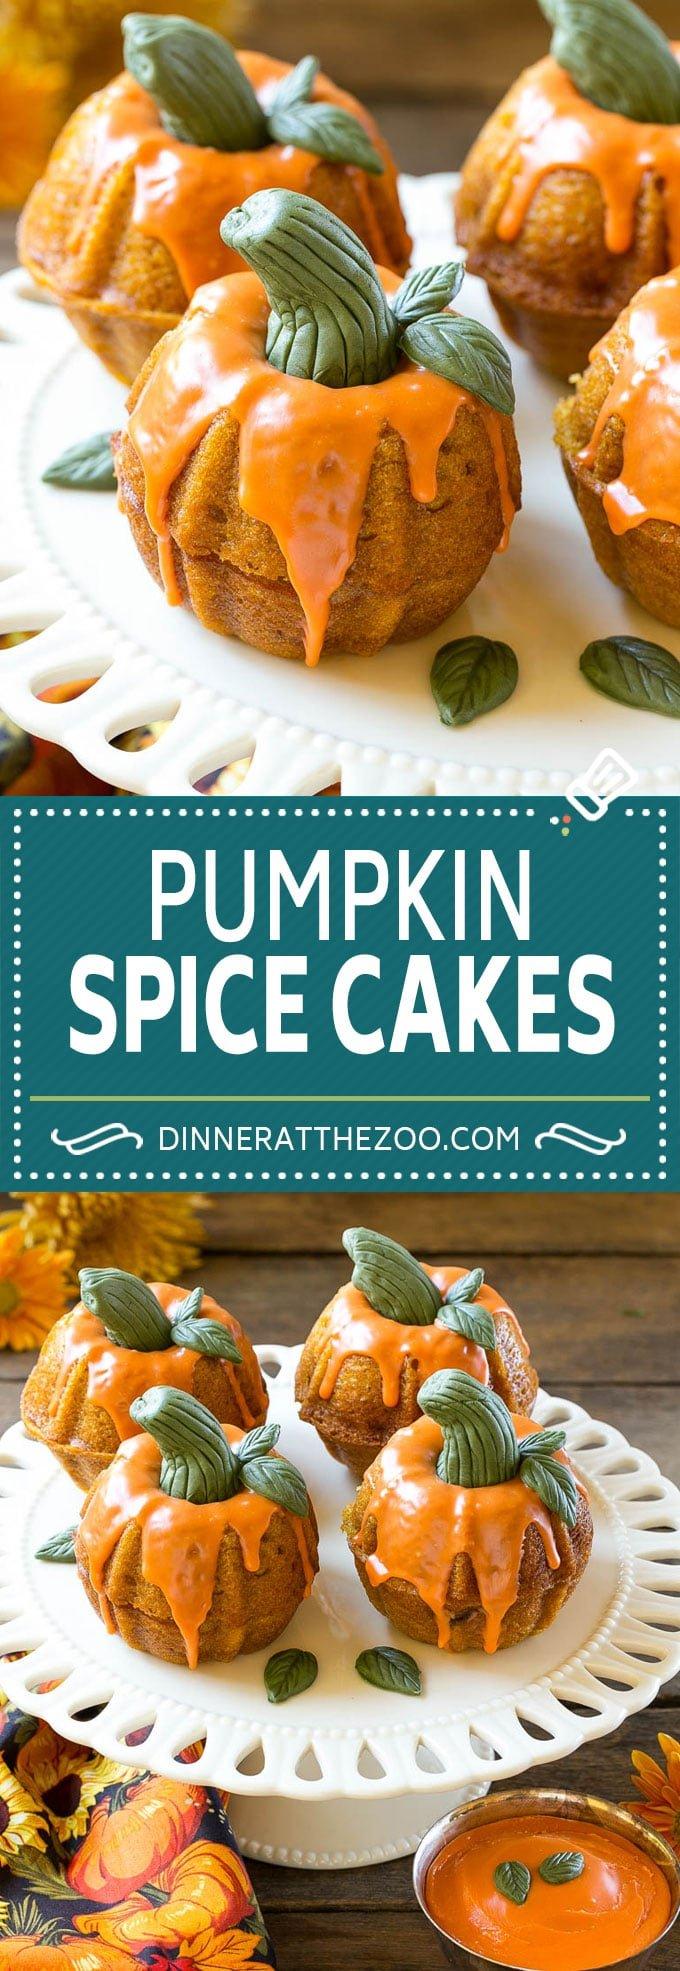 Pumpkin Spice Cake Recipe | Pumpkin Cake #pumpkin #cake #fall #thanksgiving #dessert #dinneratthezoo